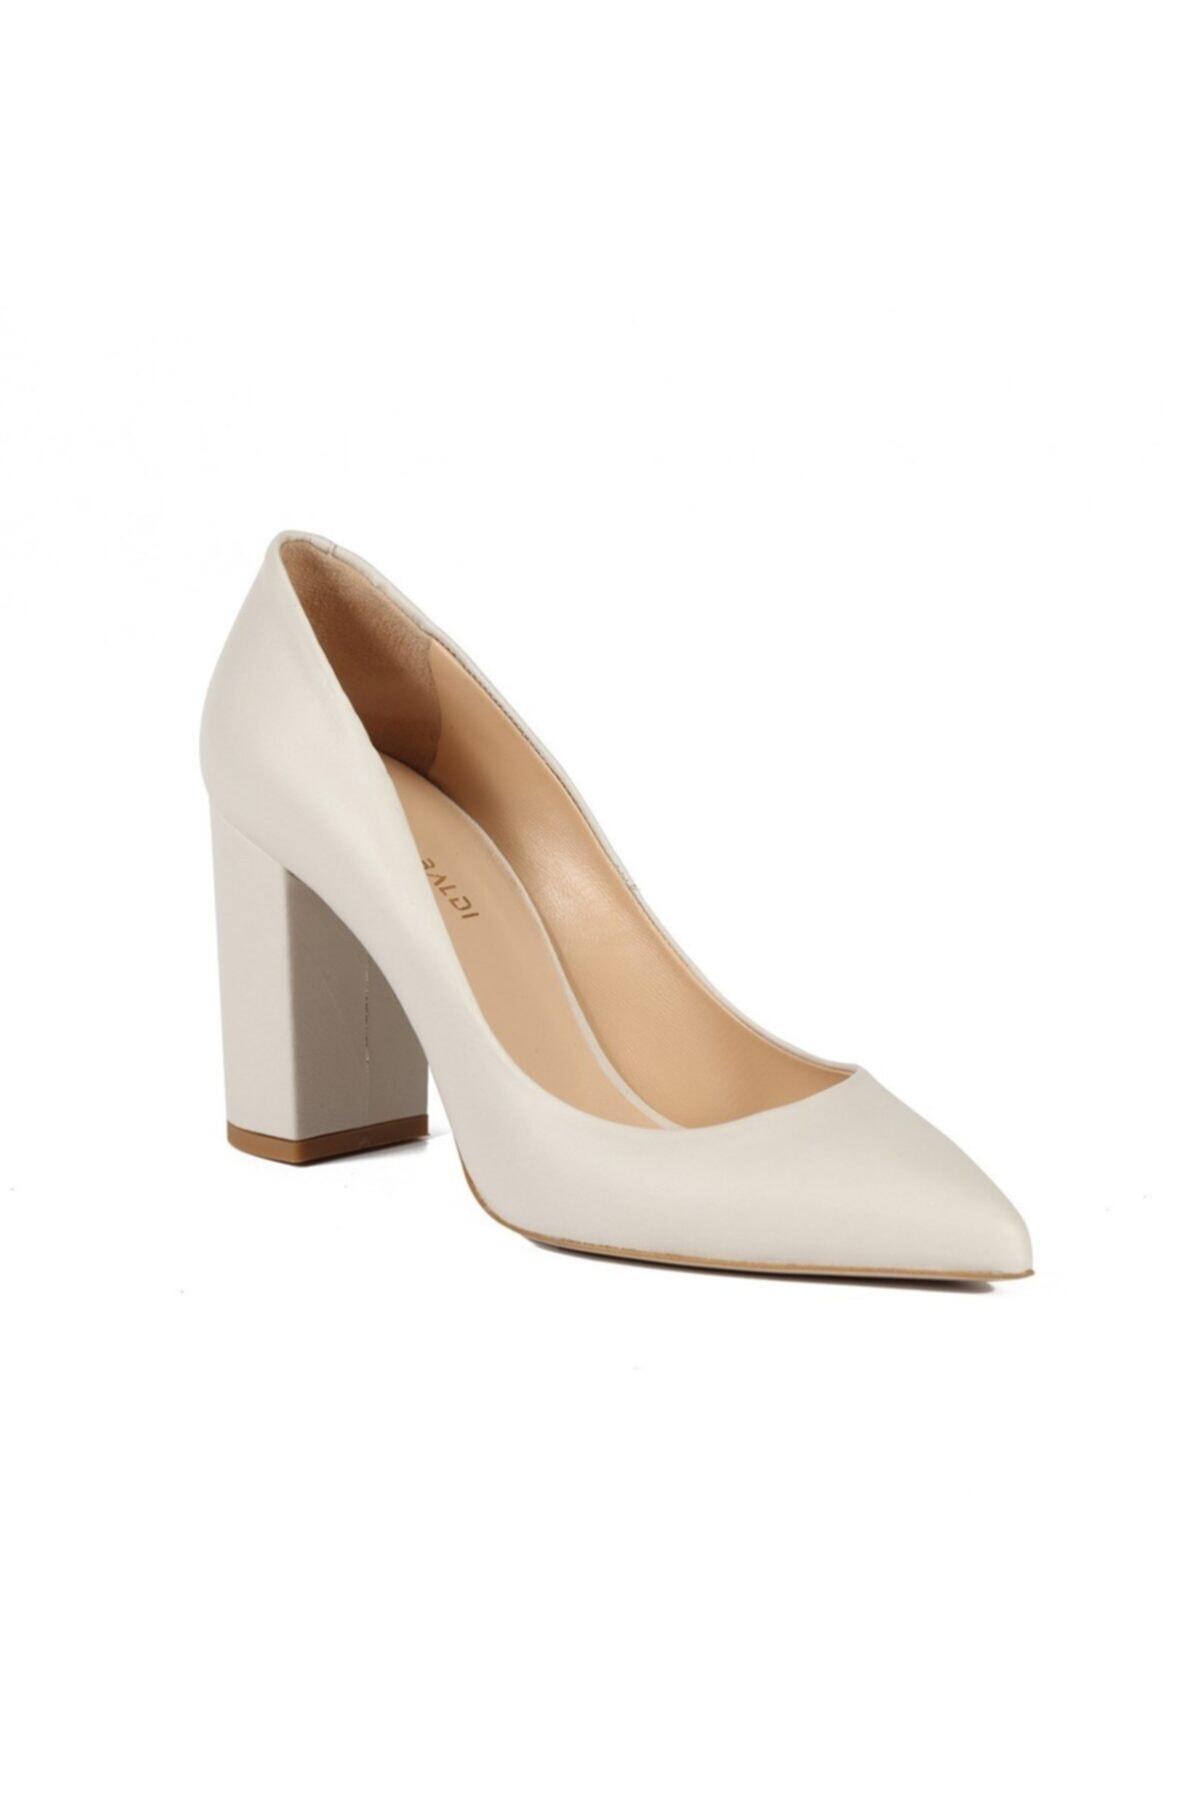 Sofia Baldi Kadın Rachelle Beyaz Deri Topuklu Ayakkabı 2